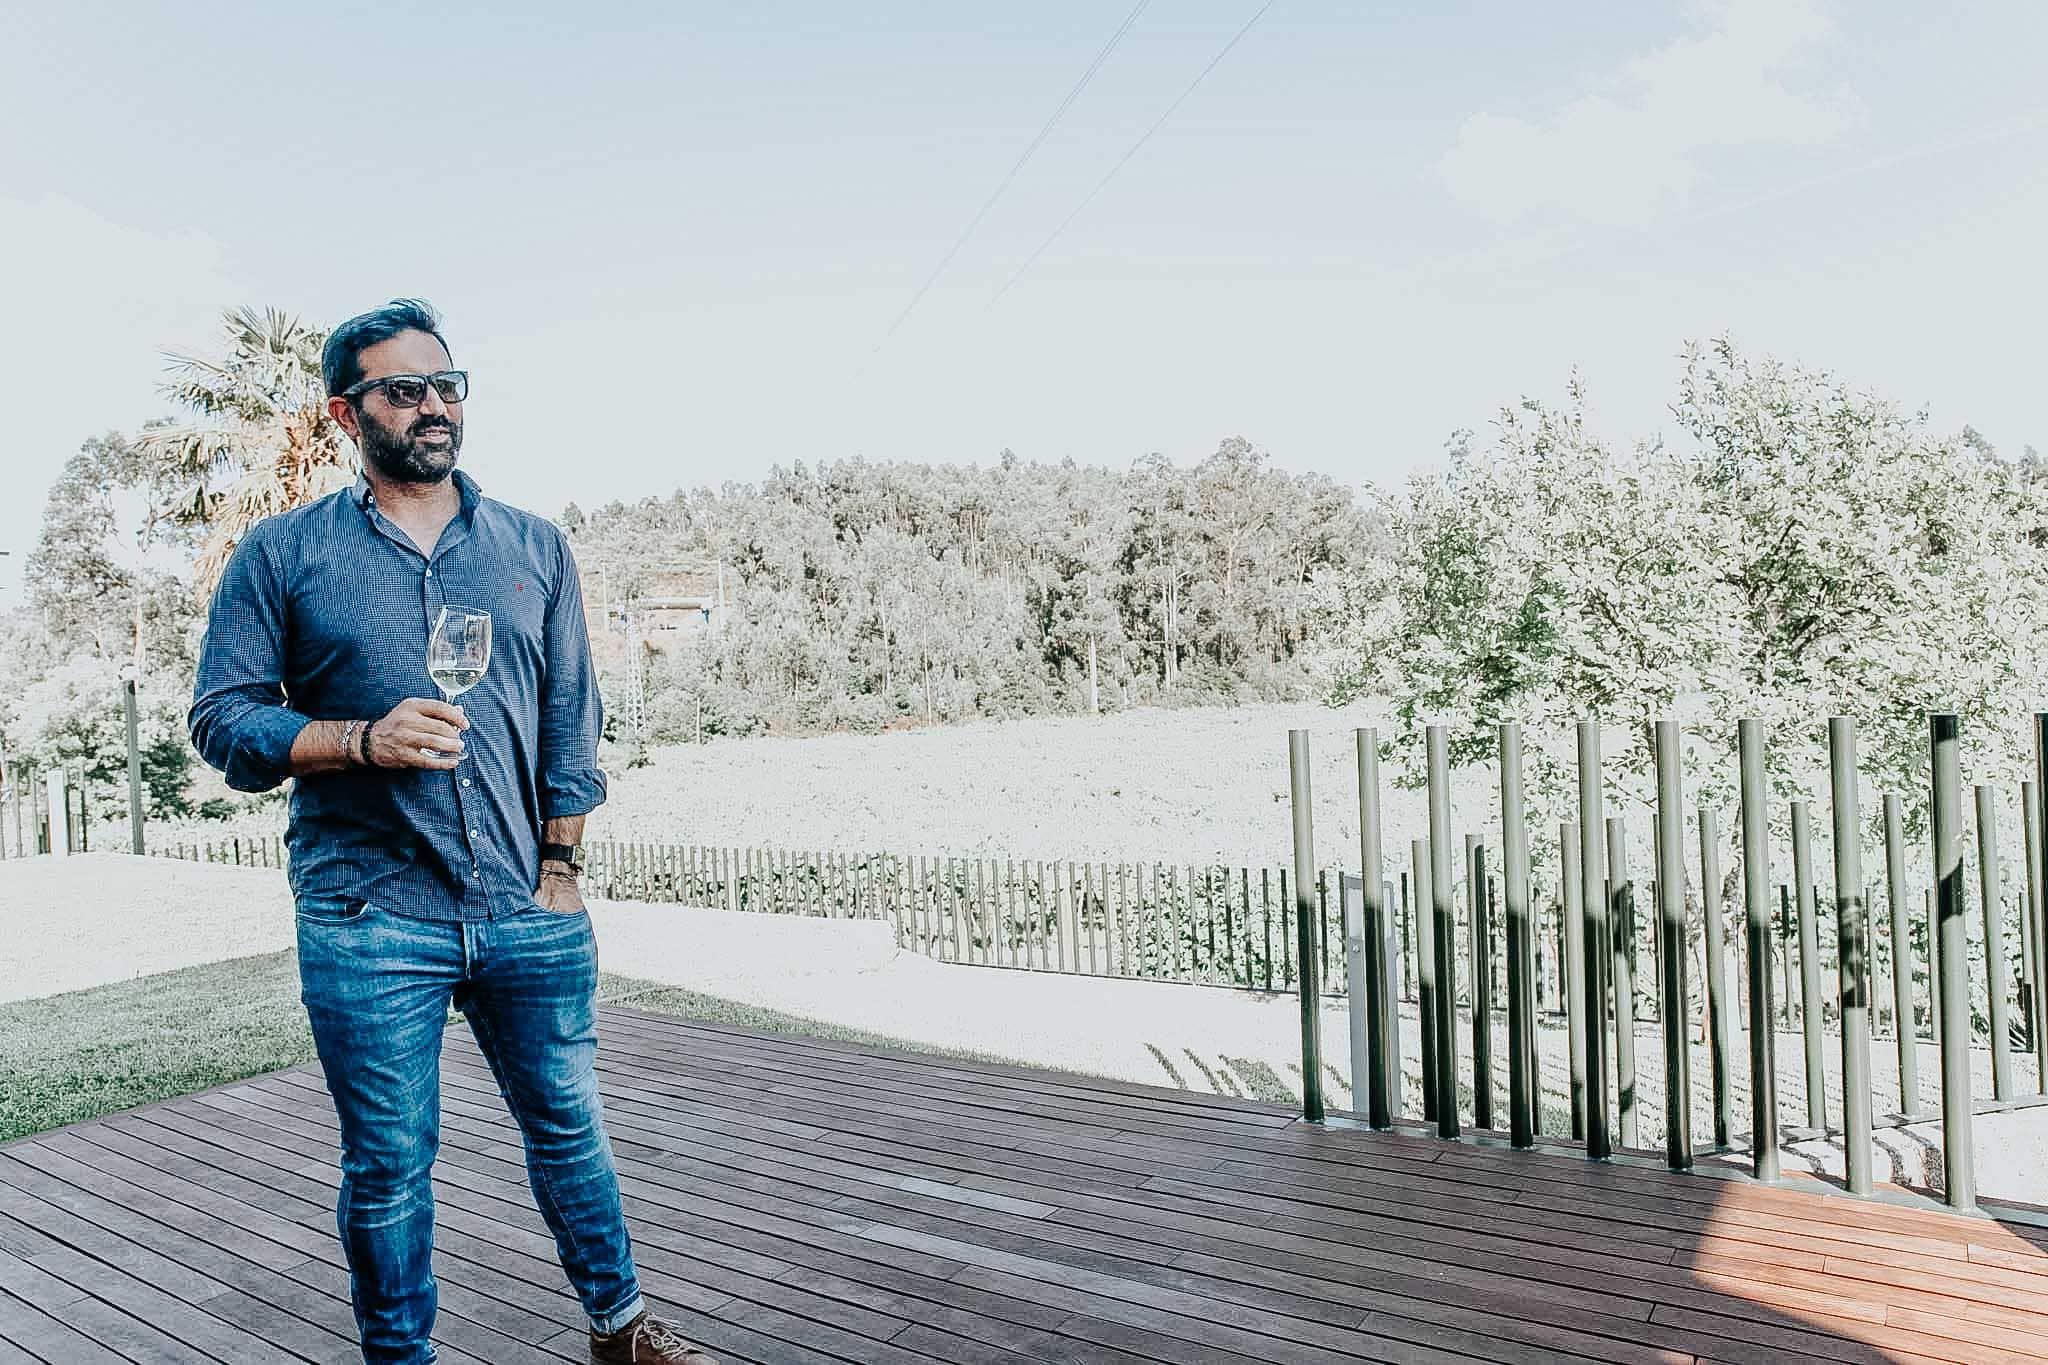 Winemaker at Quintas das Arcas